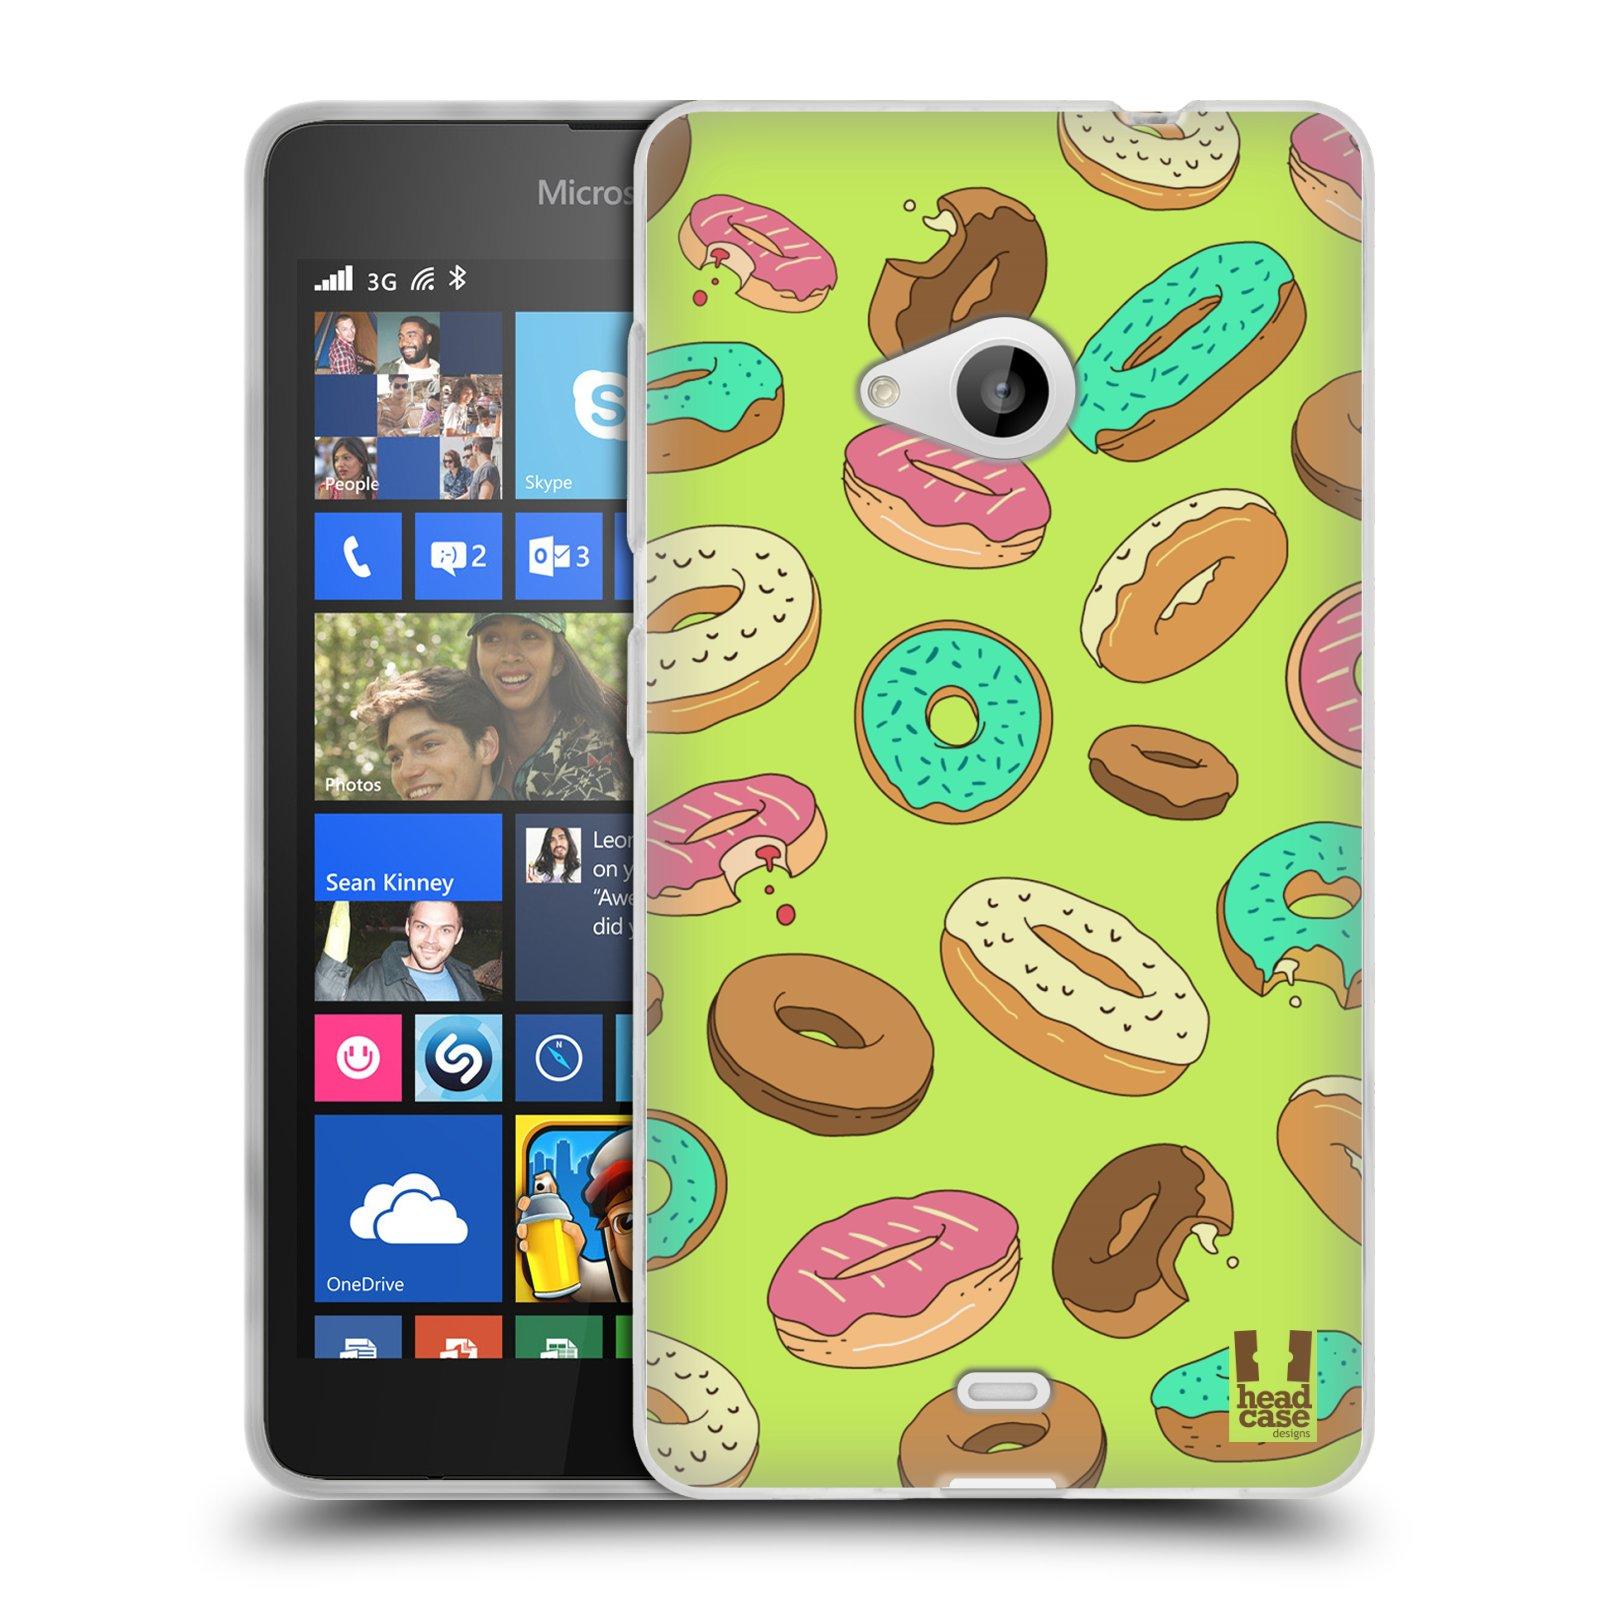 Silikonové pouzdro na mobil Microsoft Lumia 535 HEAD CASE DONUTKY (Silikonový kryt či obal na mobilní telefon Microsoft Lumia 535)